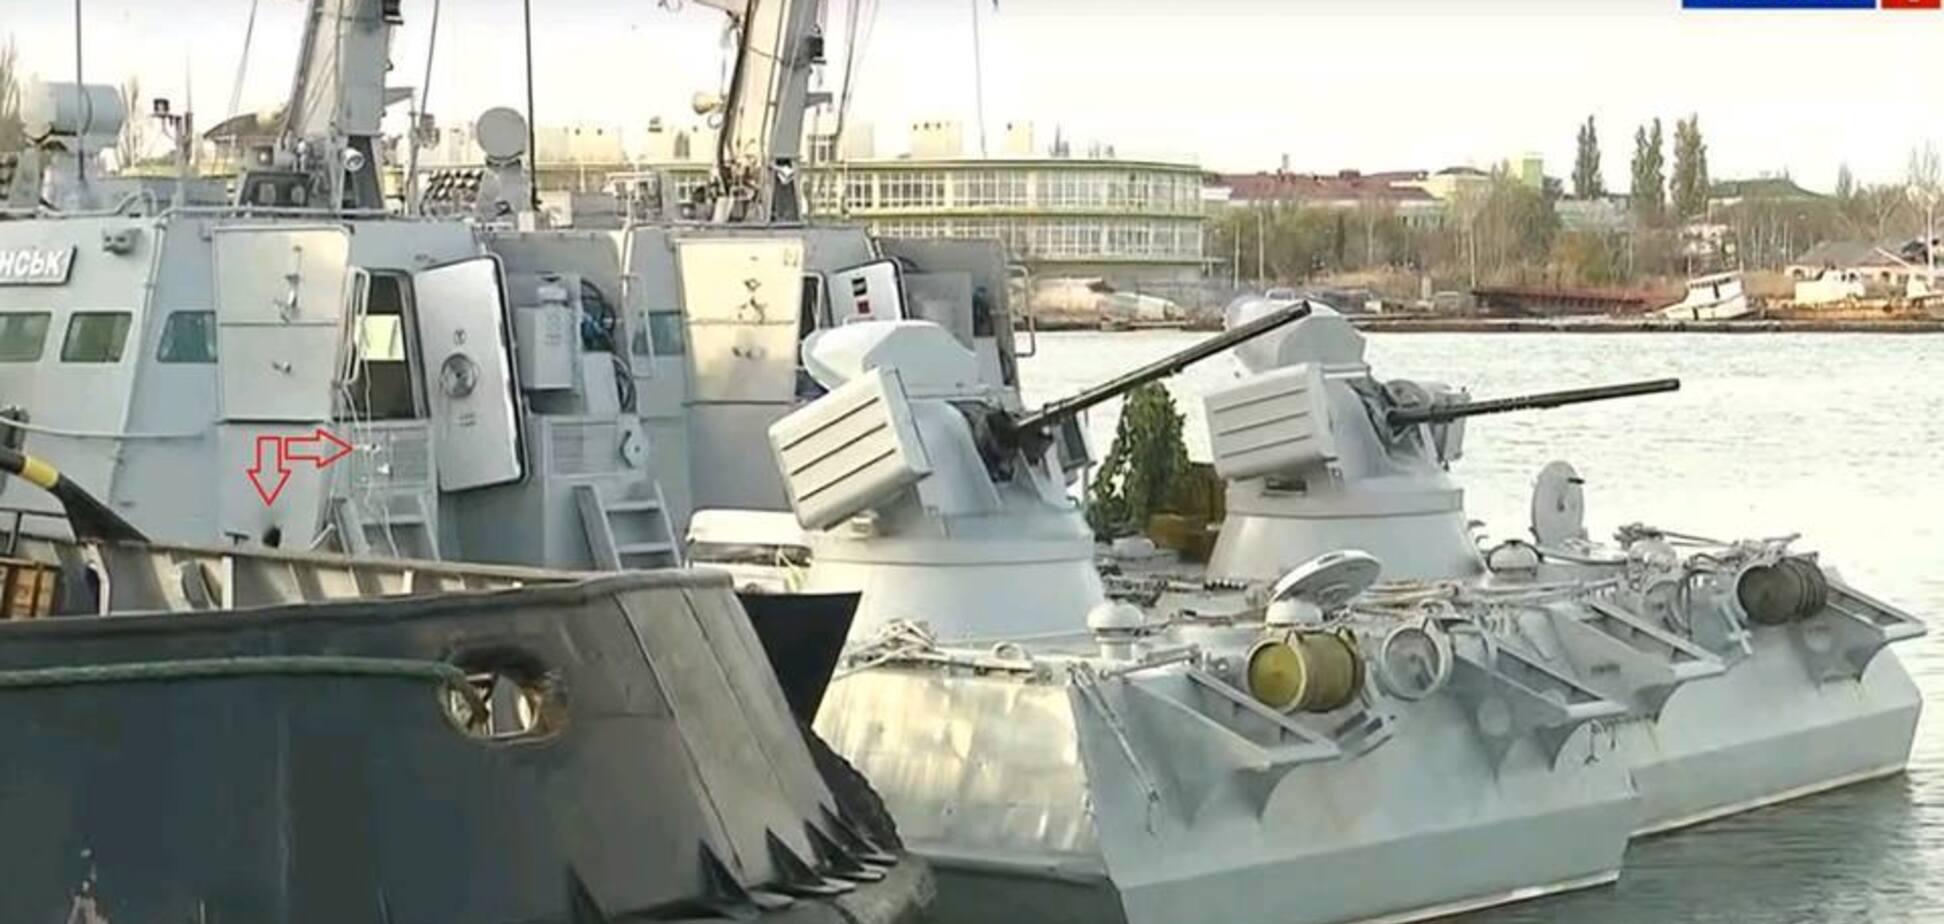 Україна готується форсувати Керченську протоку: названий спосіб протистояти Росії